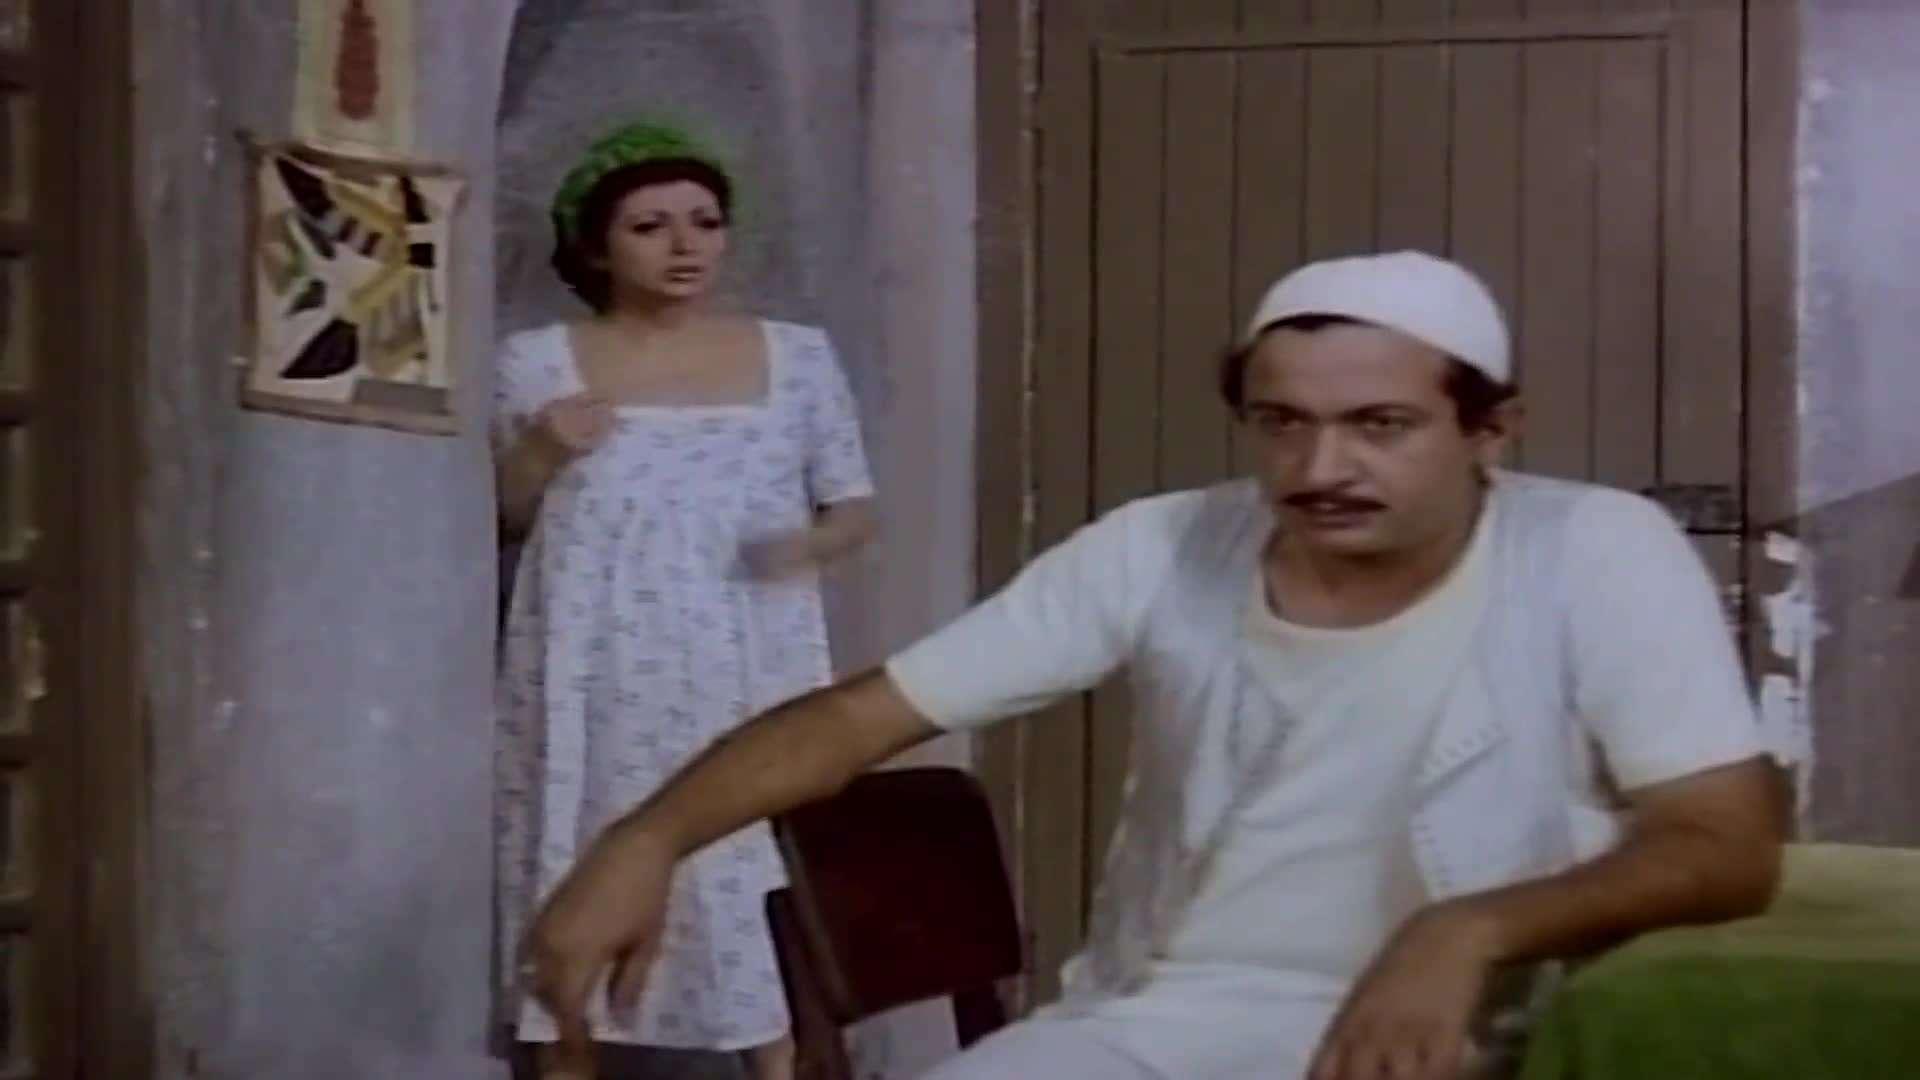 [فيلم][تورنت][تحميل][الشيطان يعظ][1981][1080p][Web-DL] 9 arabp2p.com